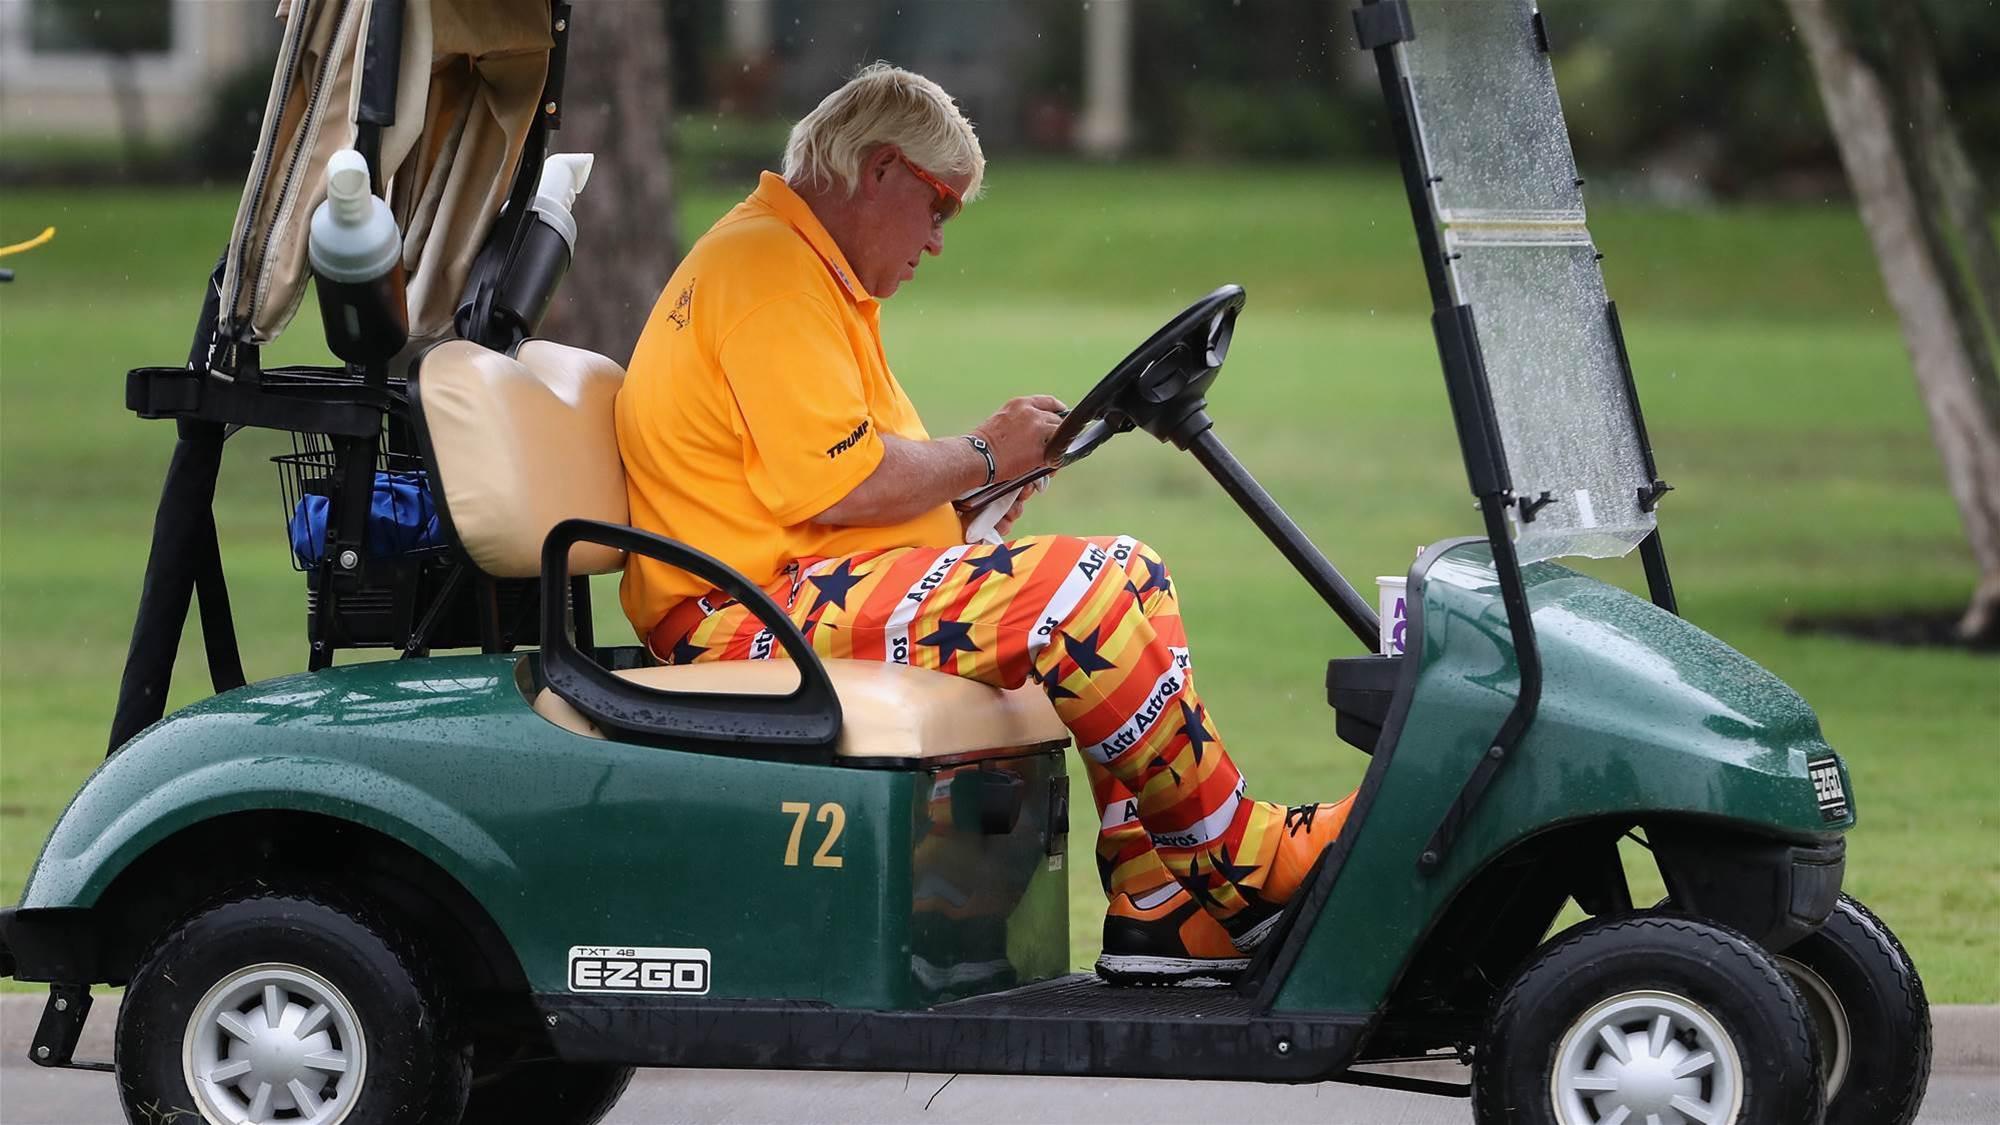 Cart for Daly at US PGA Championship